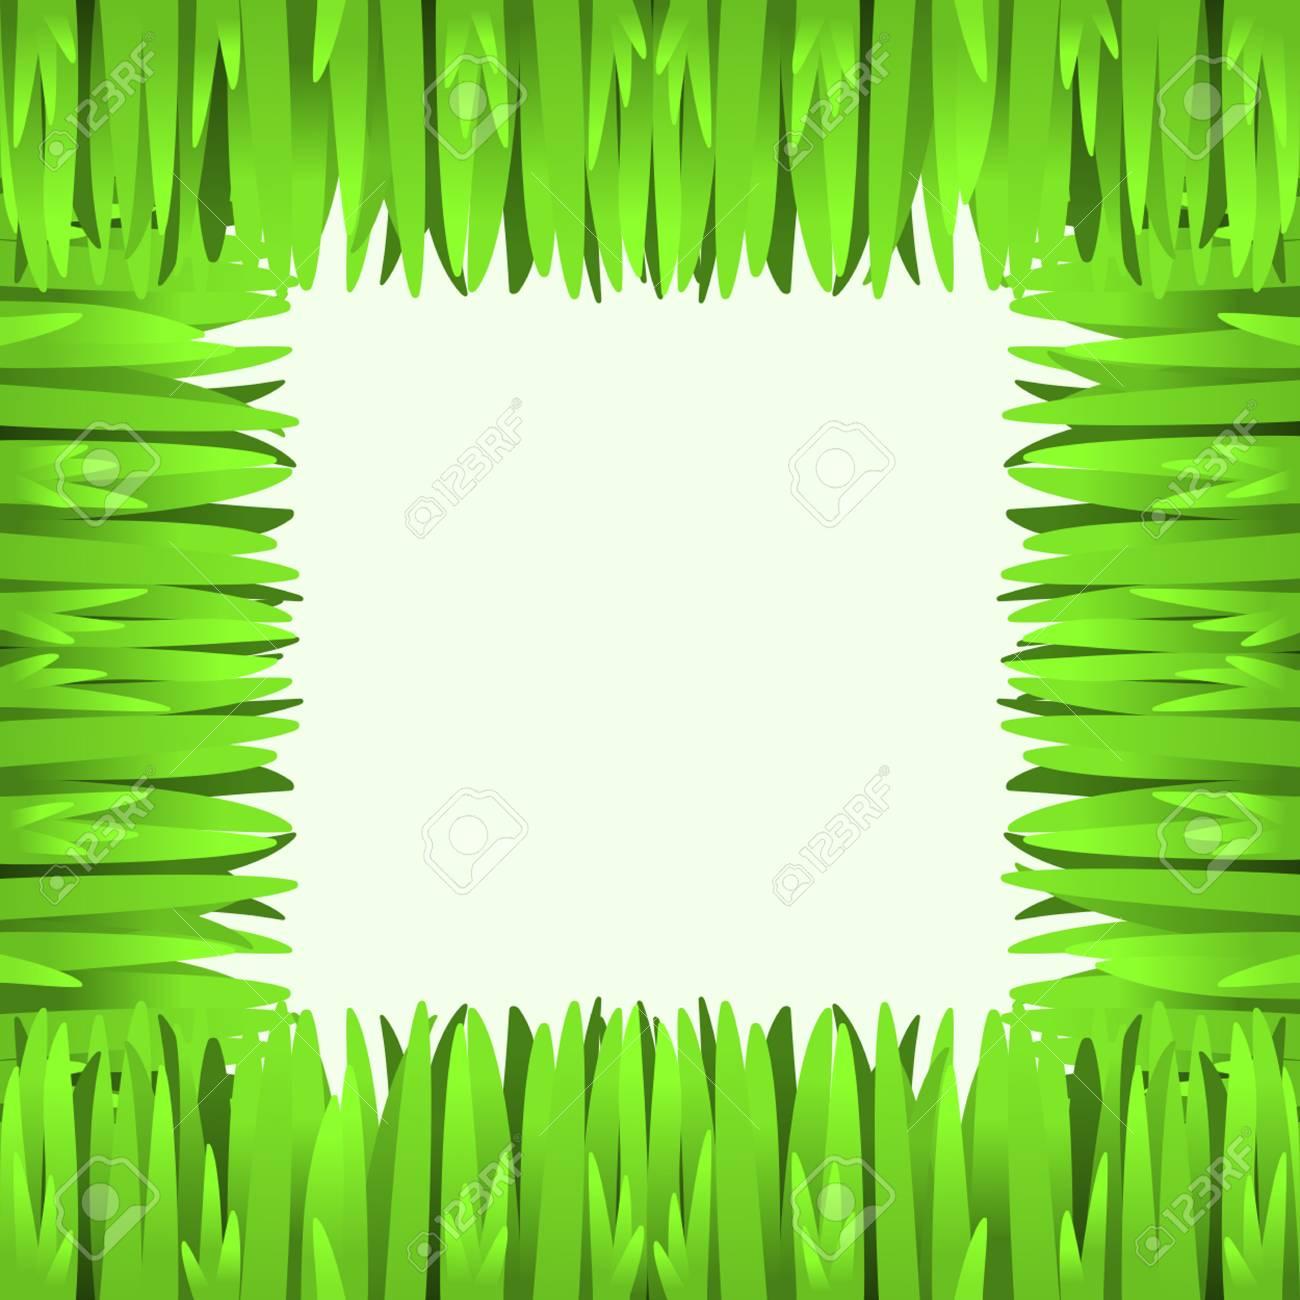 Grünes Gras-Frame-Rahmen Quadrat Element Für Ihr Design. Lizenzfrei ...